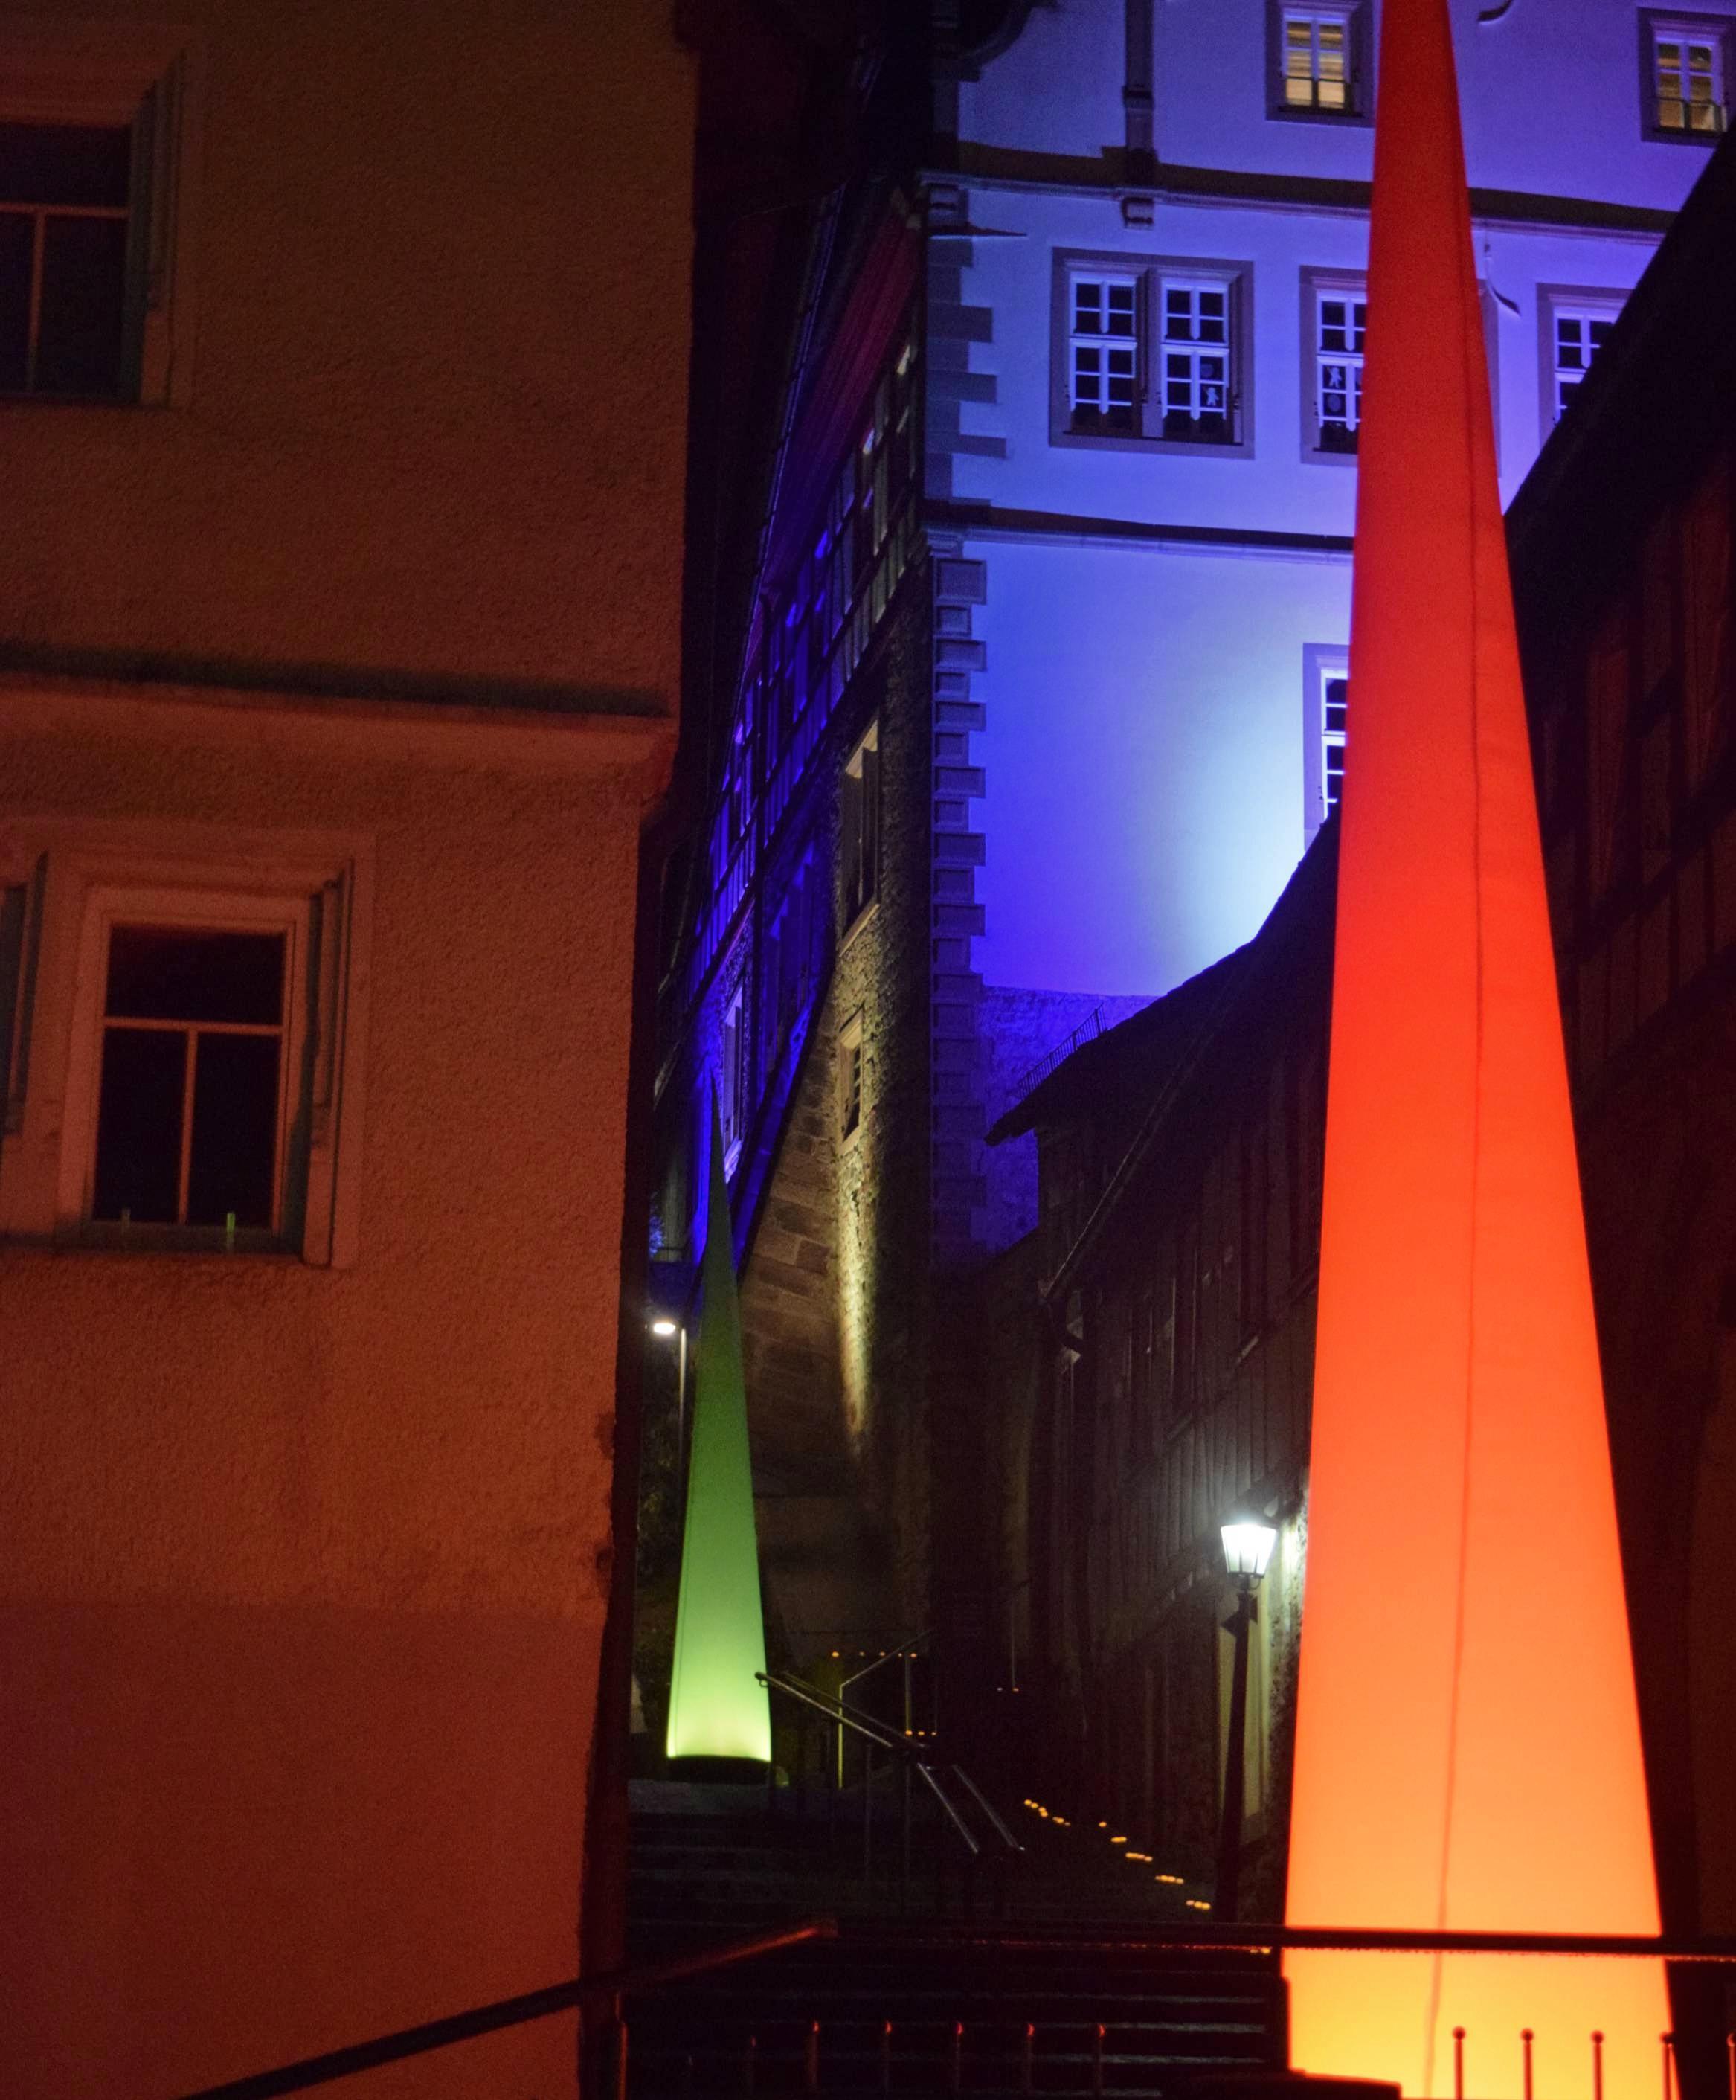 Romantisch beleuchtet, wartet das Greckenschloss auf Besucher. Foto: privat